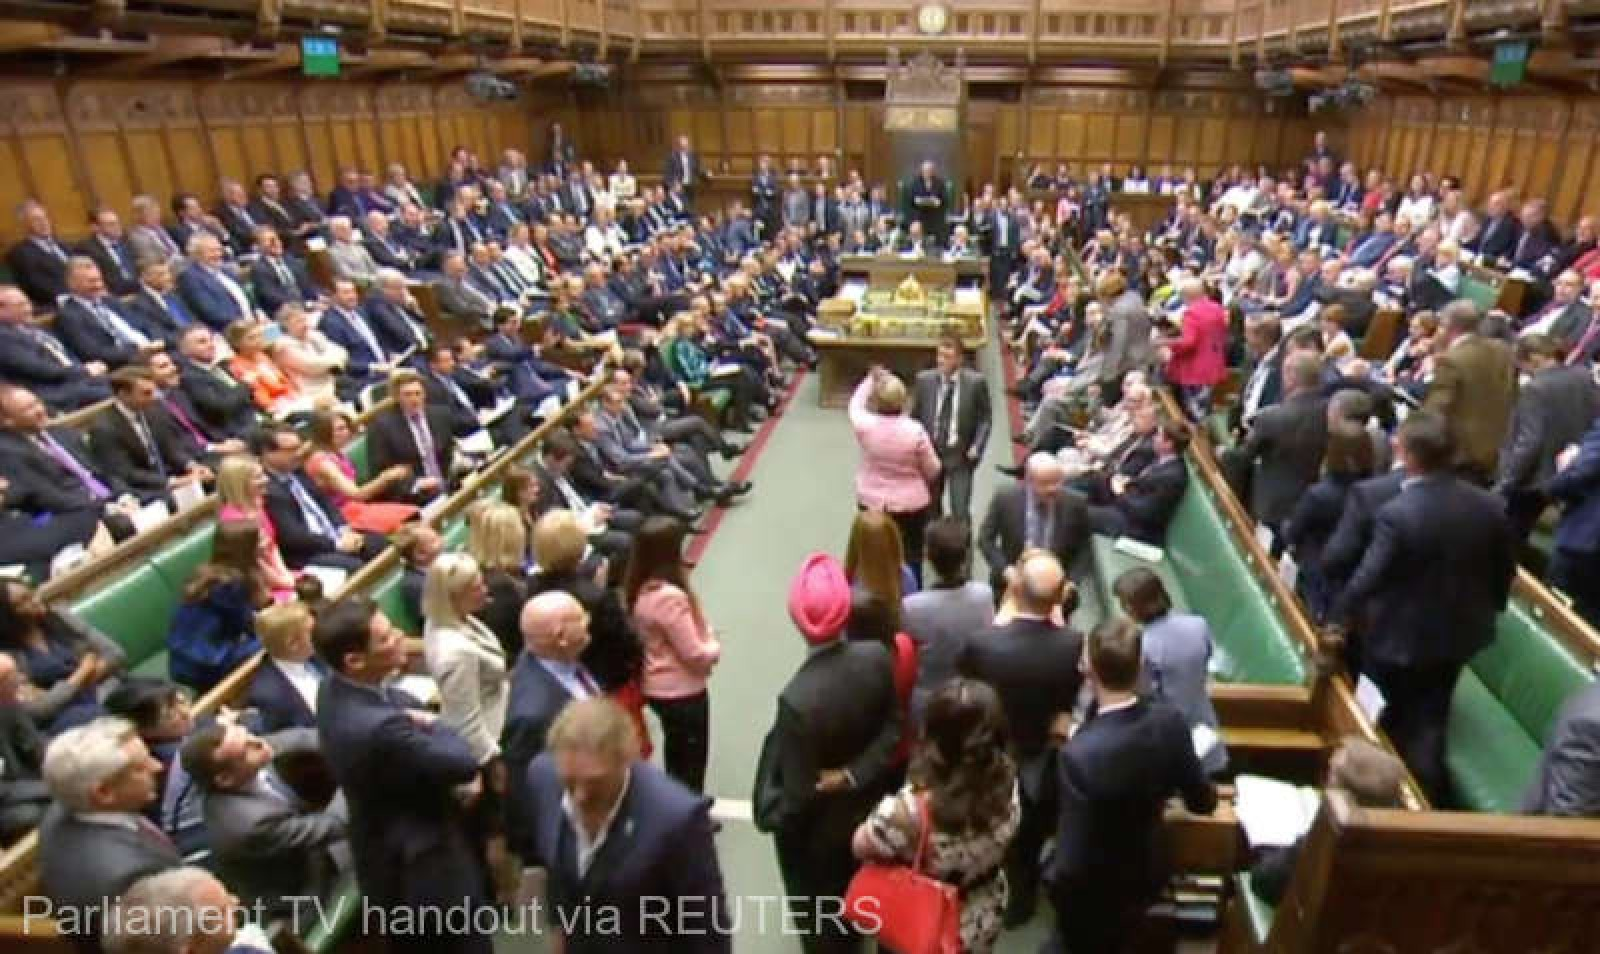 Deputații scoțieni au părăsit furioși parlamentul britanic, pe fondul unei dispute legate de Brexit